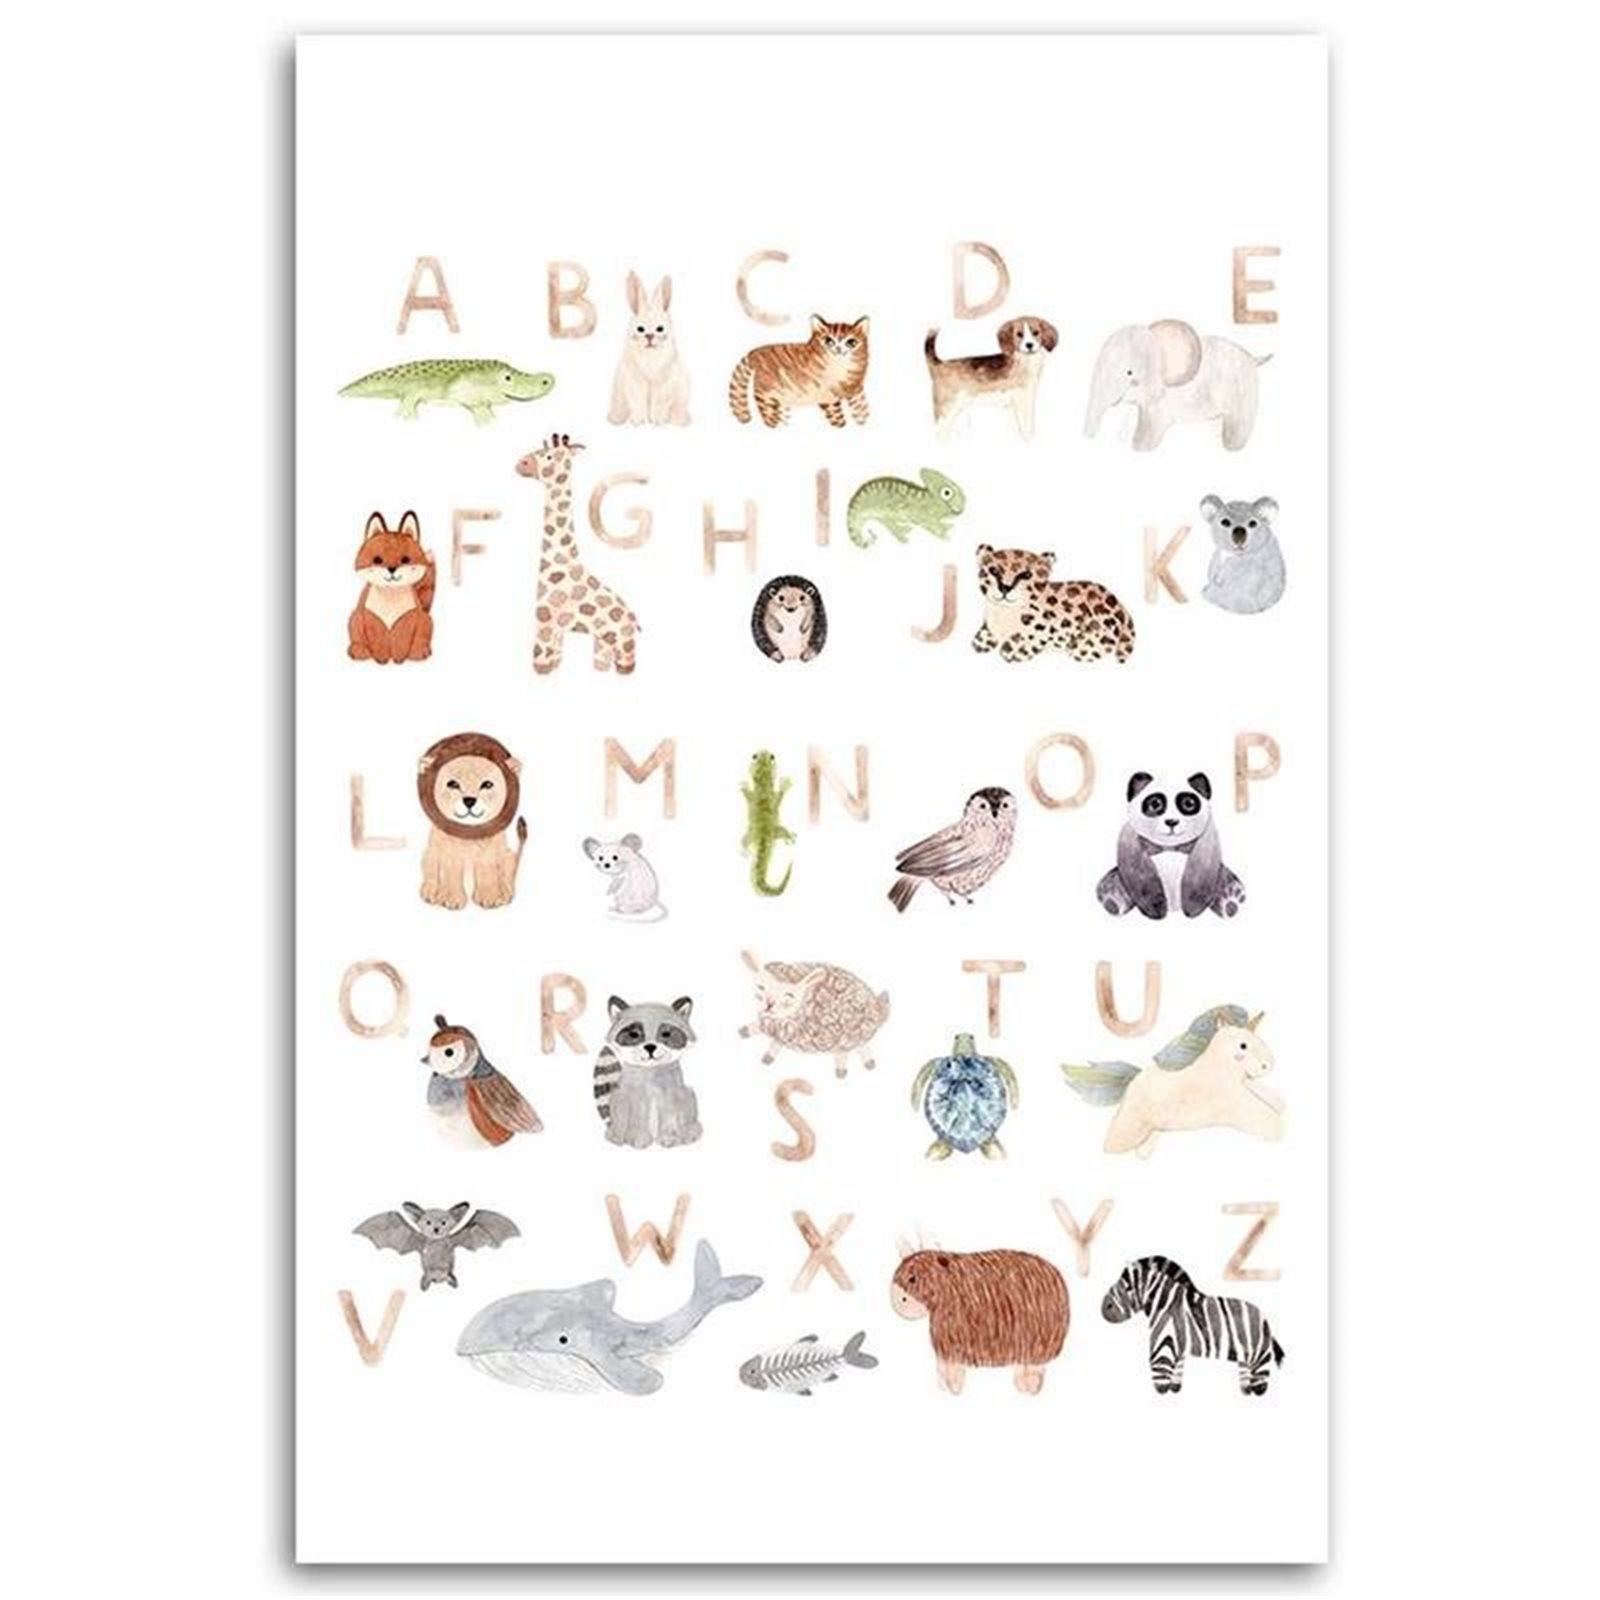 Tableau enfant alphabet with pets multicolore 80x120